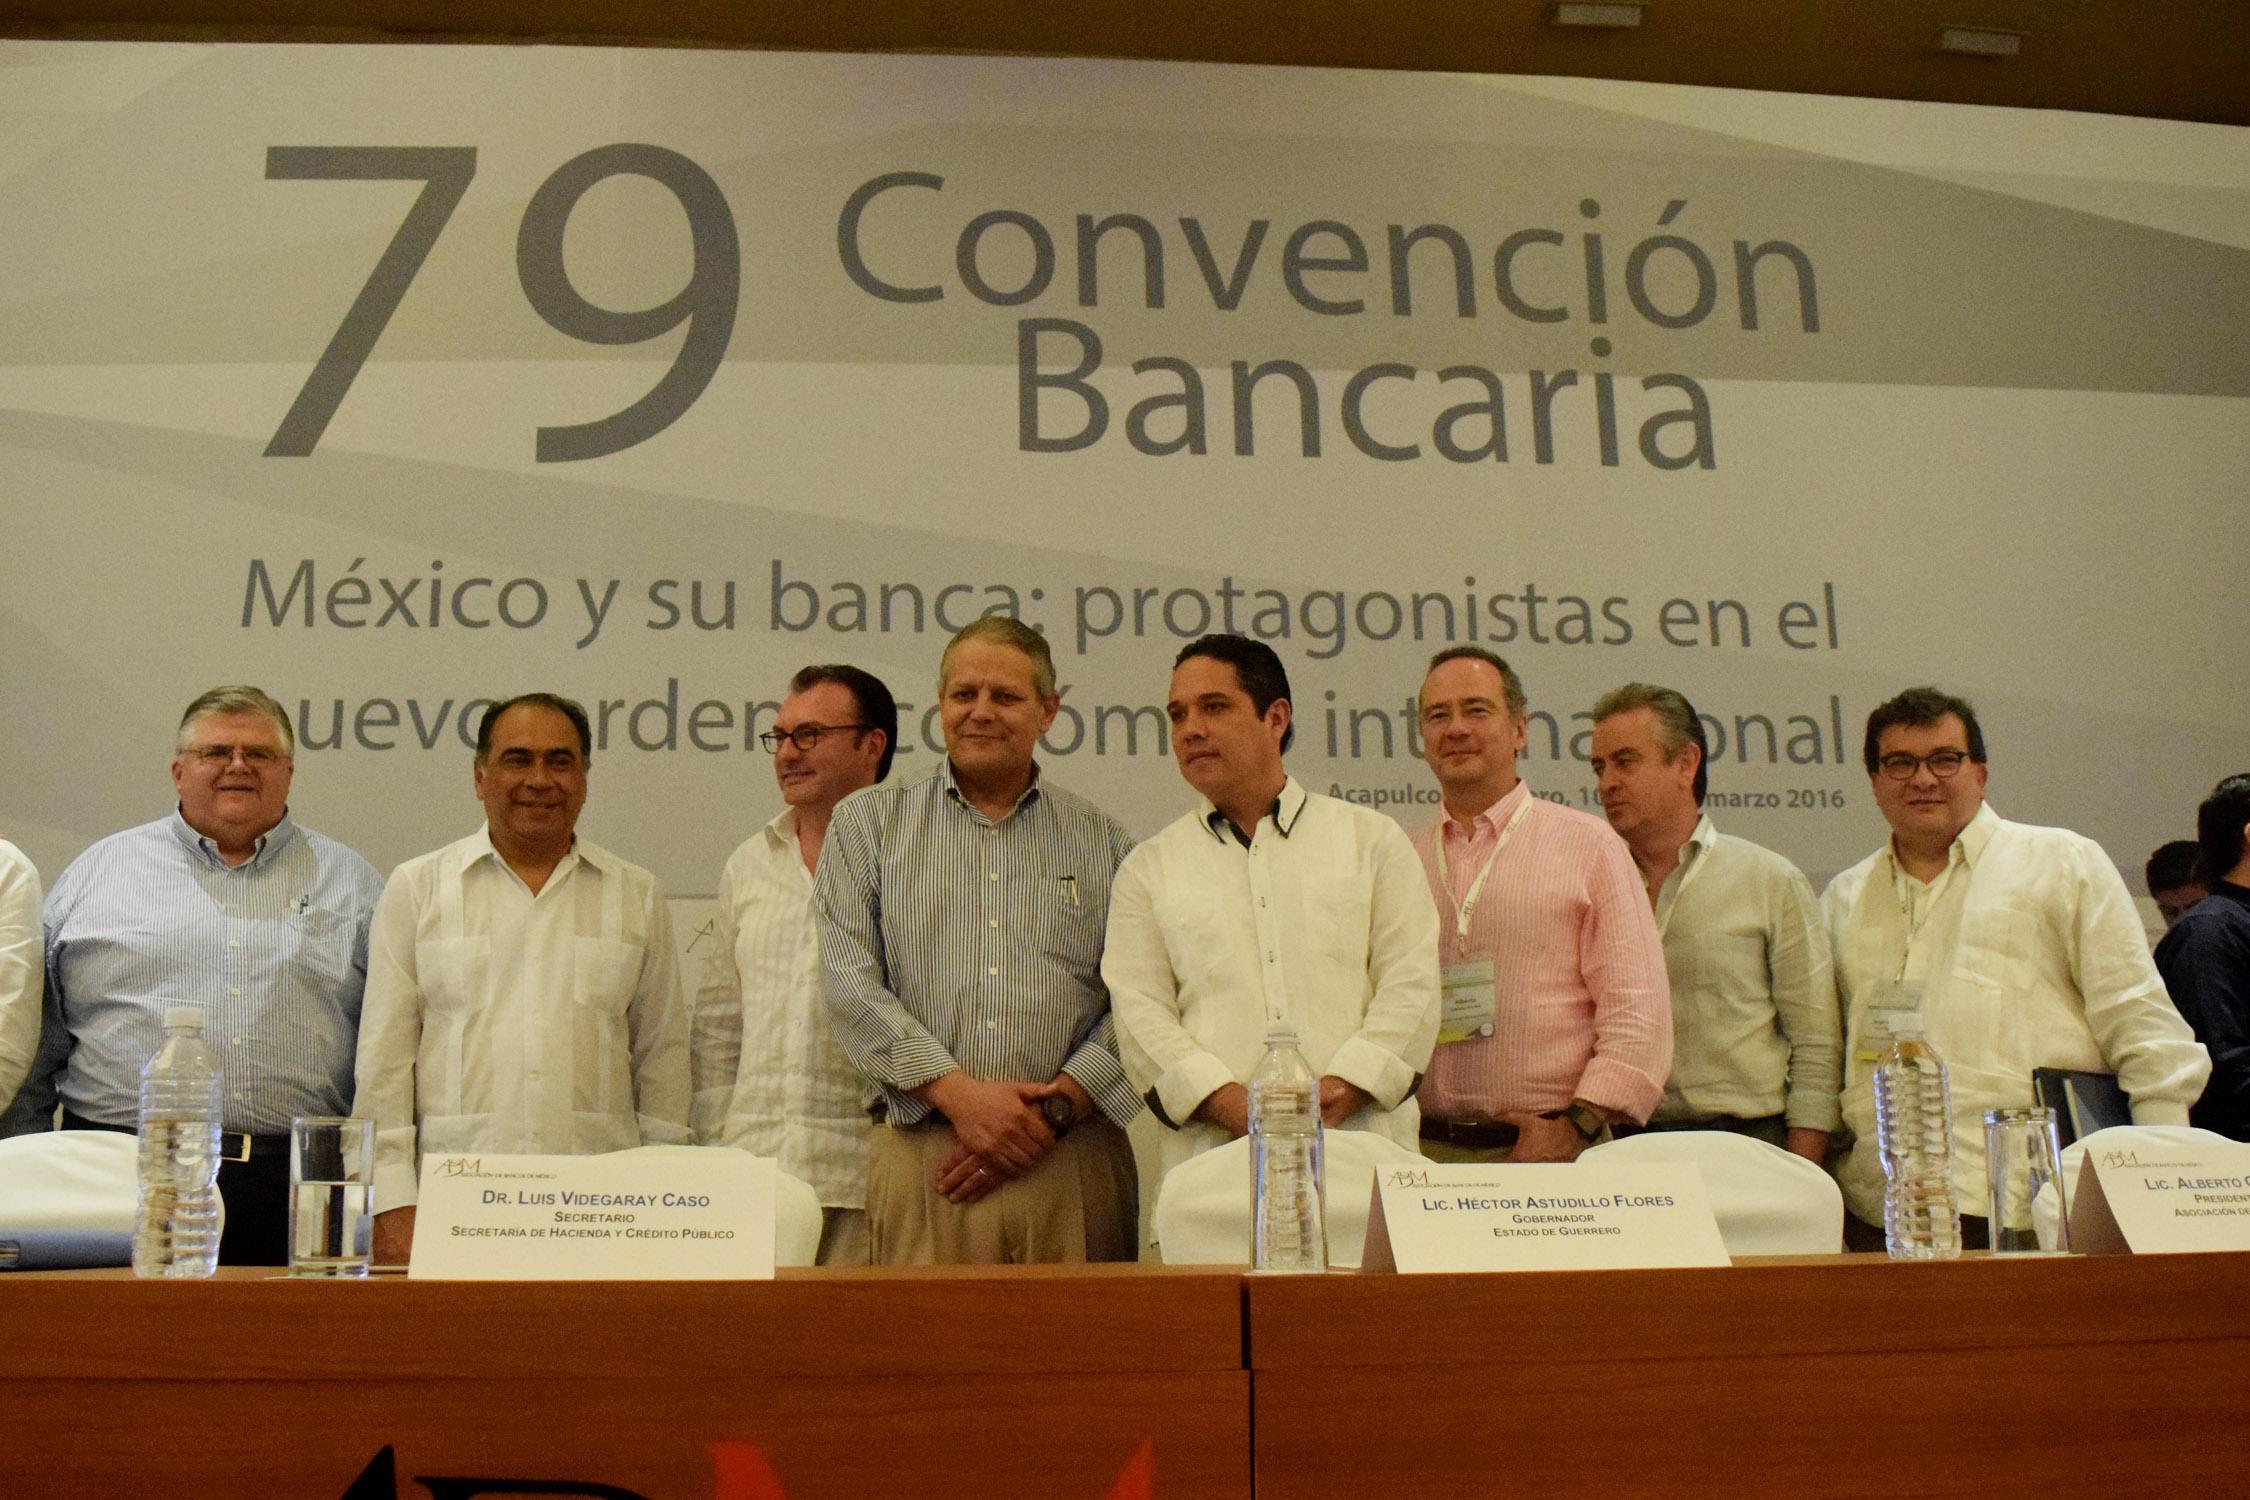 79-convencion-bancaria